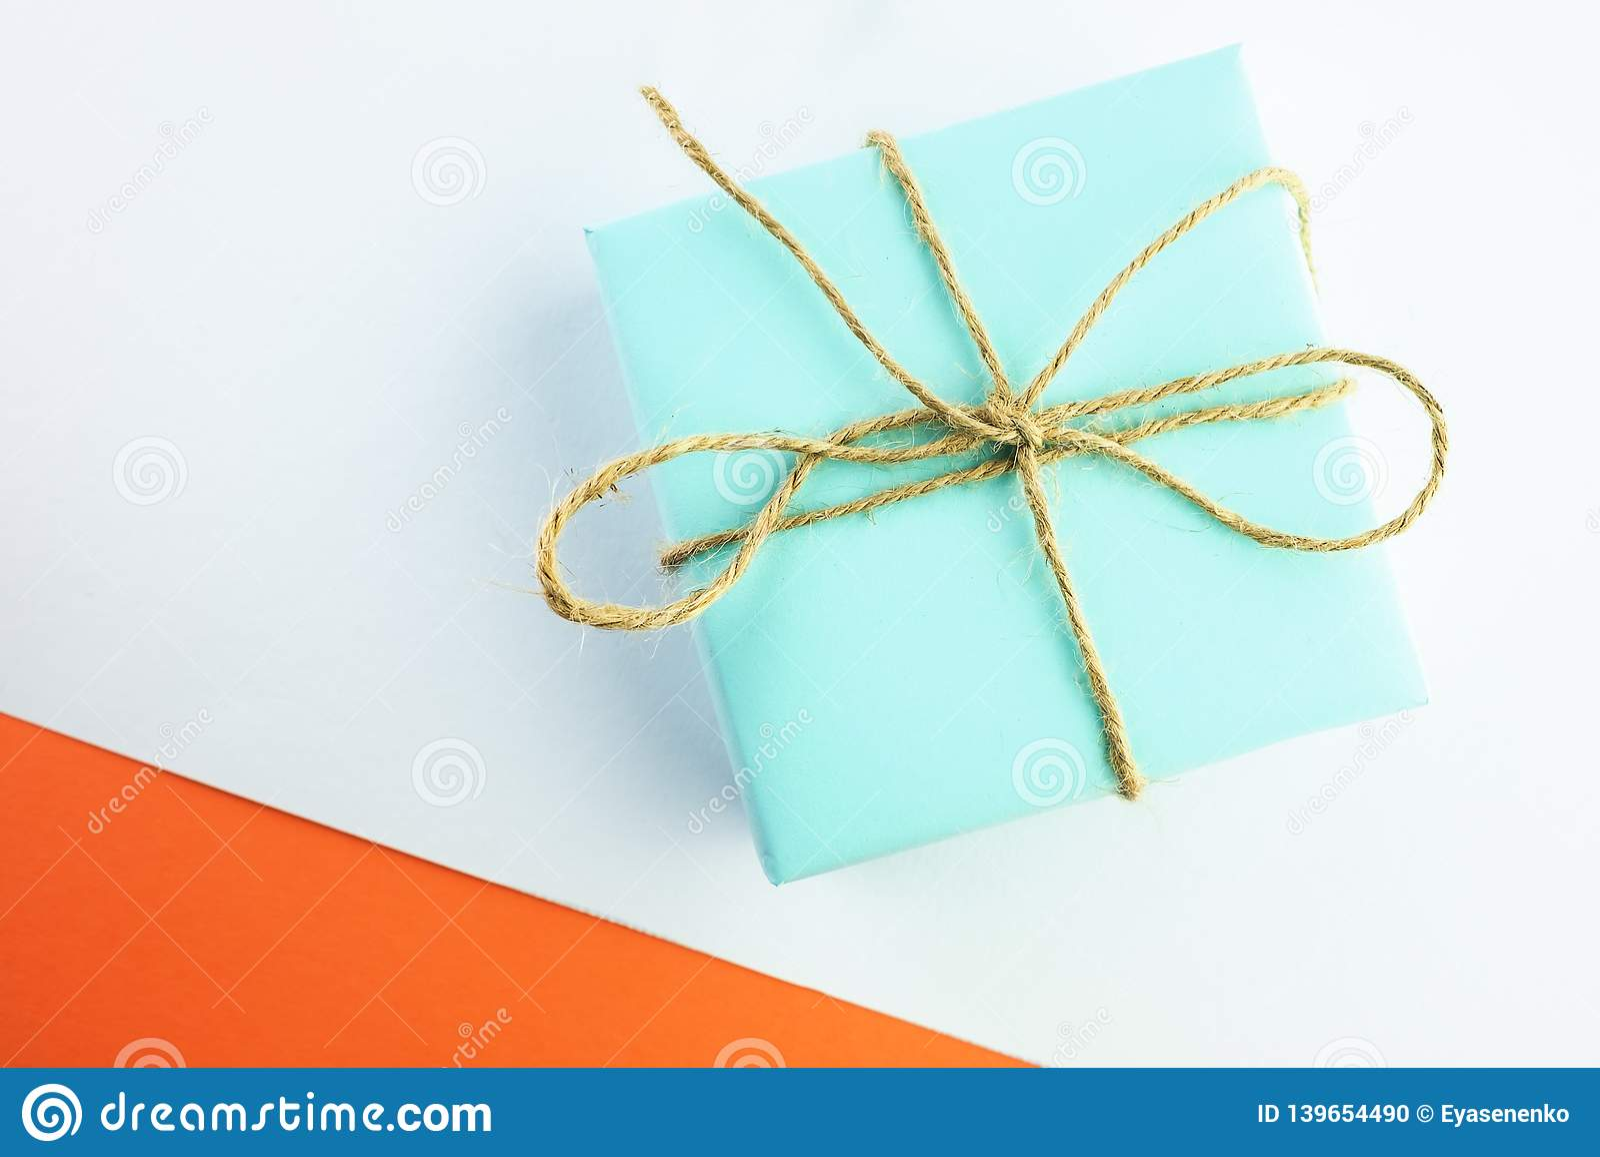 Geschenk der blauen Farbe gebunden mit Schnur auf einem weiß-orange Hintergrund